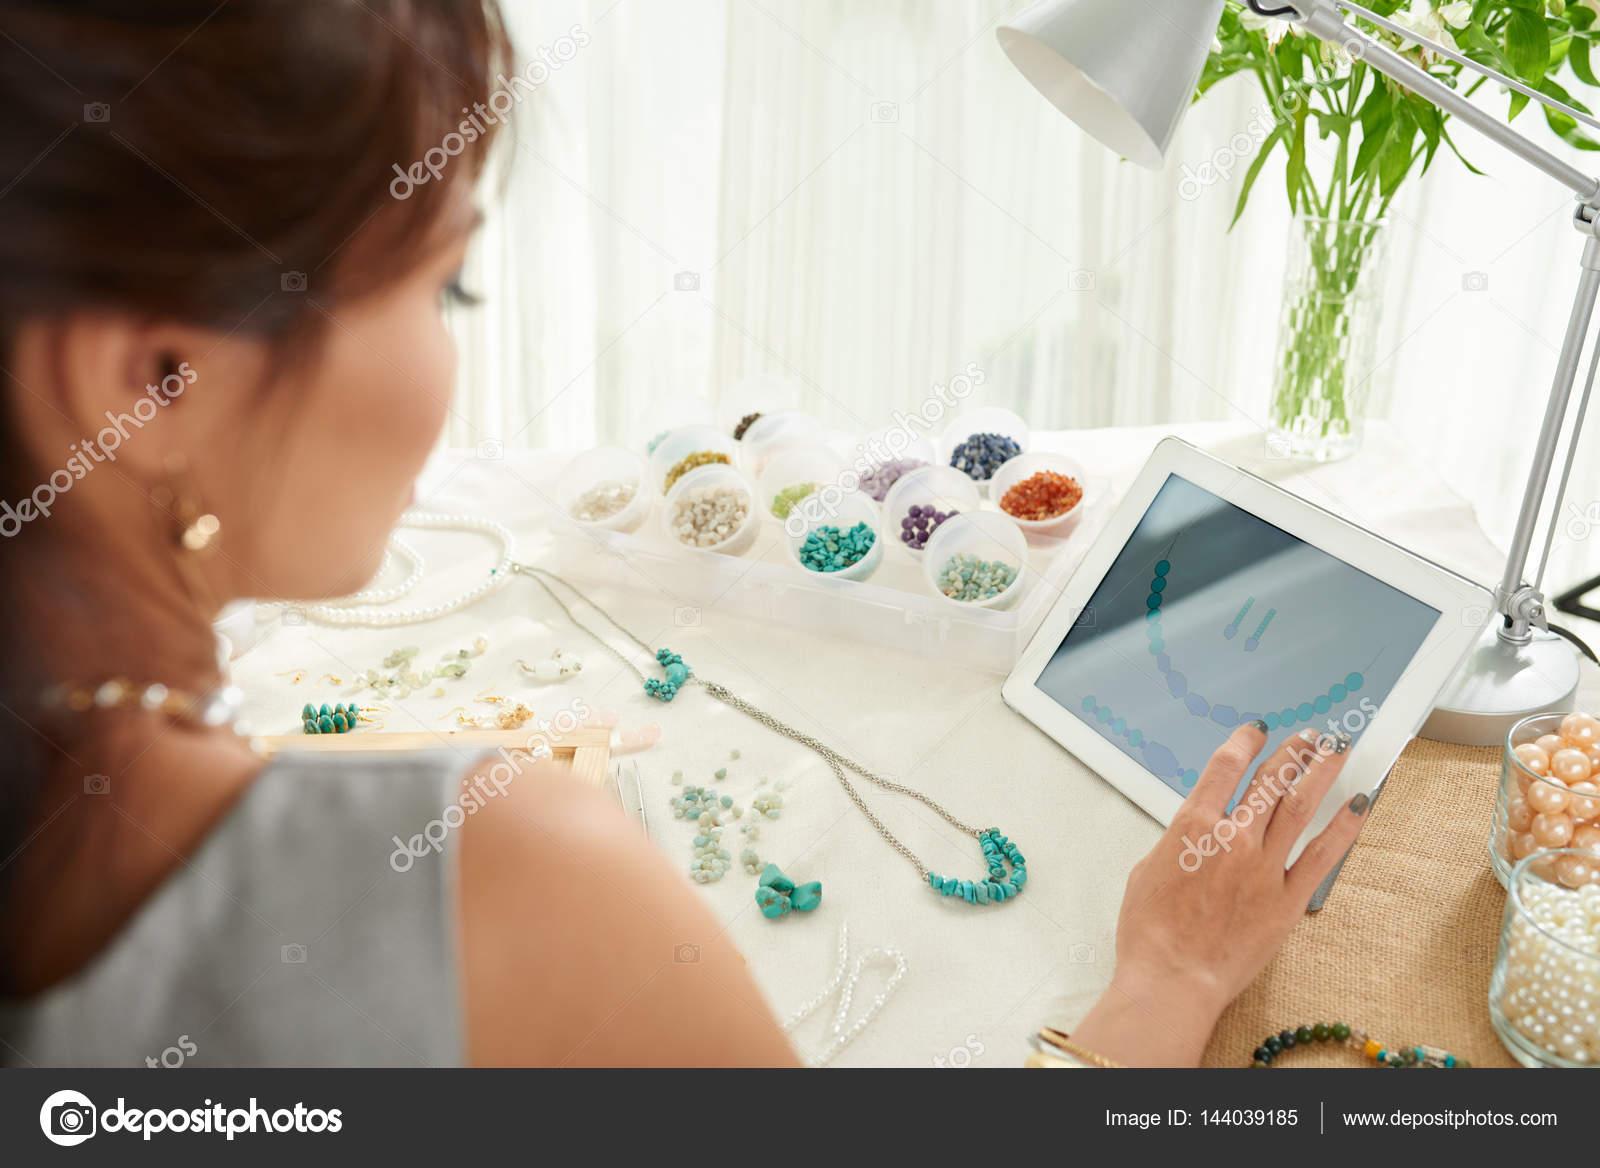 645afab1a45 mulher fazendo joias em estúdio — Stock Photo © DragonImages  144039185